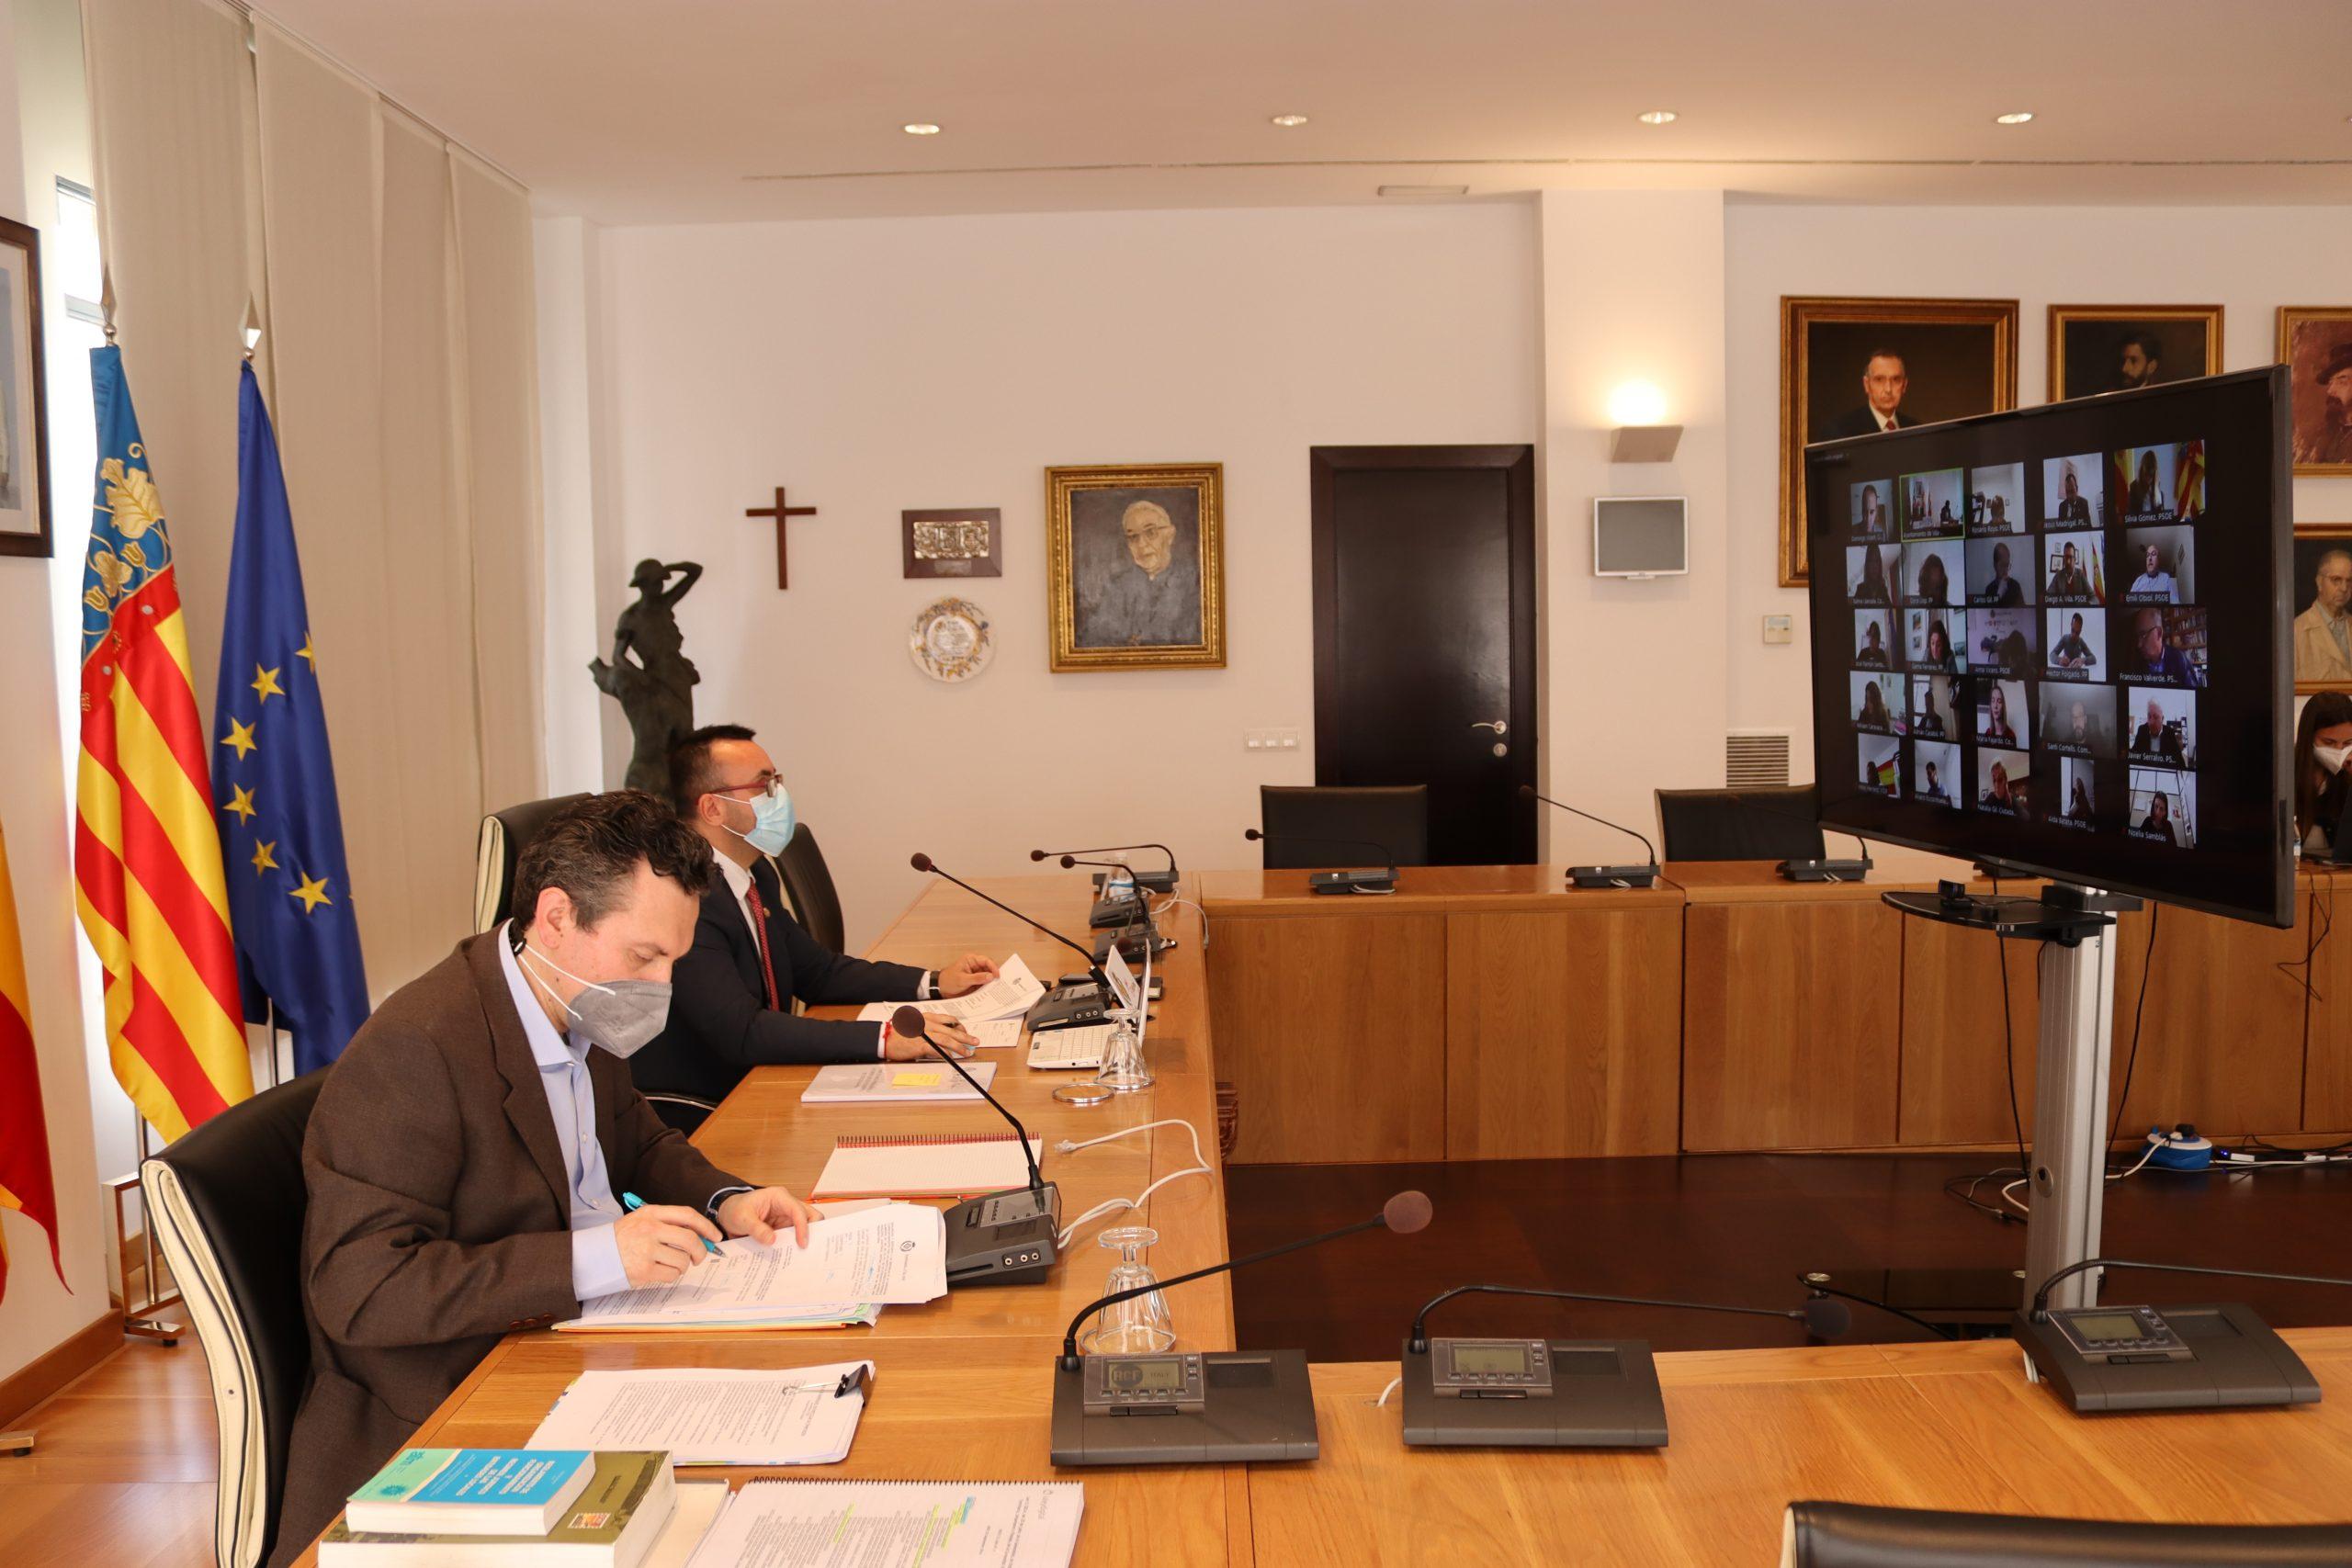 El Pleno de Vila-real aprobará este jueves de manera definitiva el presupuesto de 2021 al desestimar las alegaciones a las cuentas